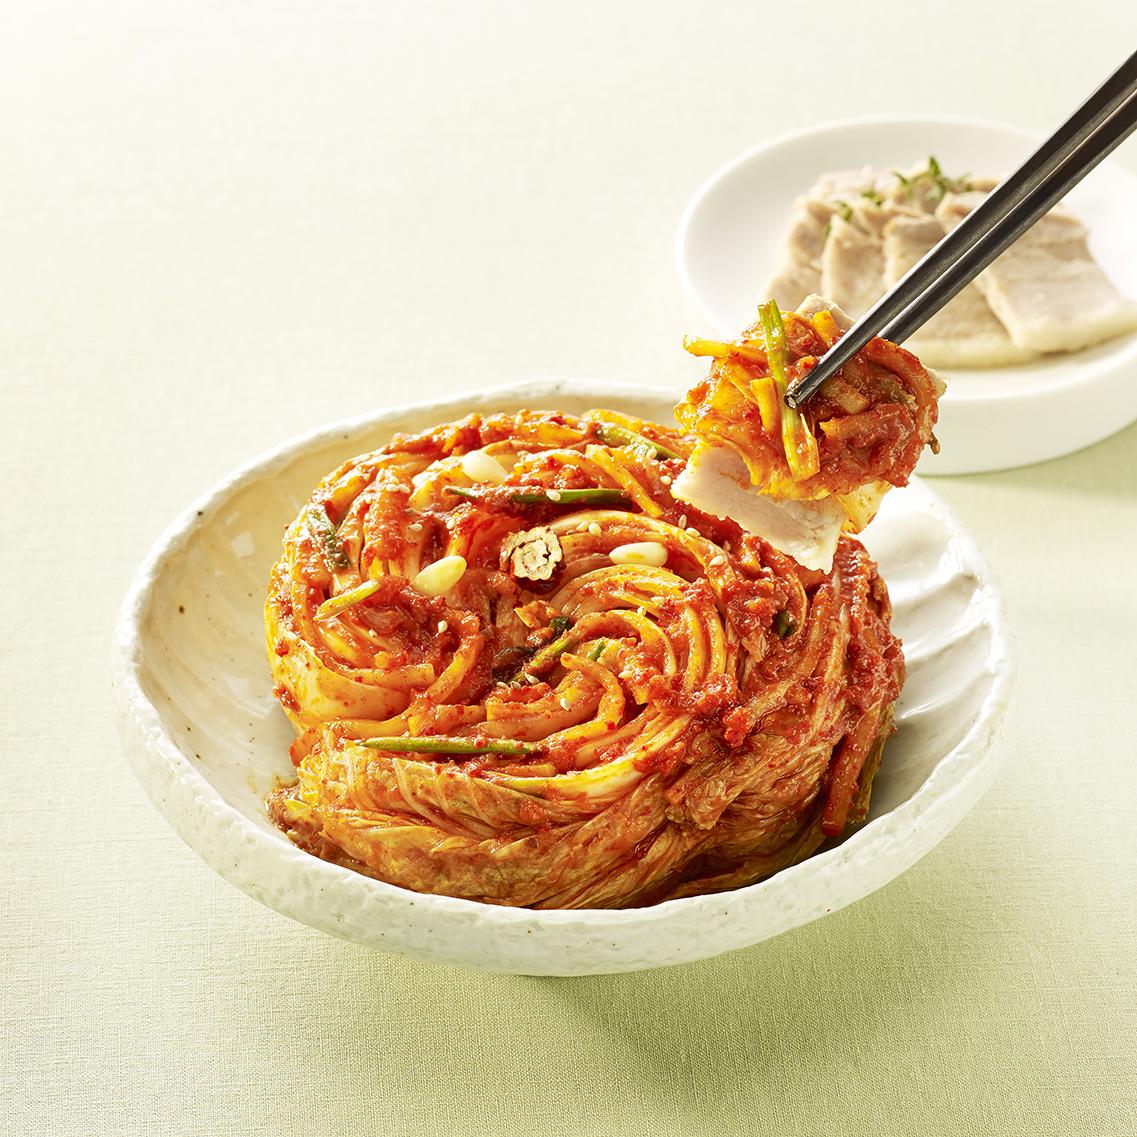 延边朝鲜族传统手艺正宗辣白菜泡菜韩国泡菜下饭泡菜风味500g包邮